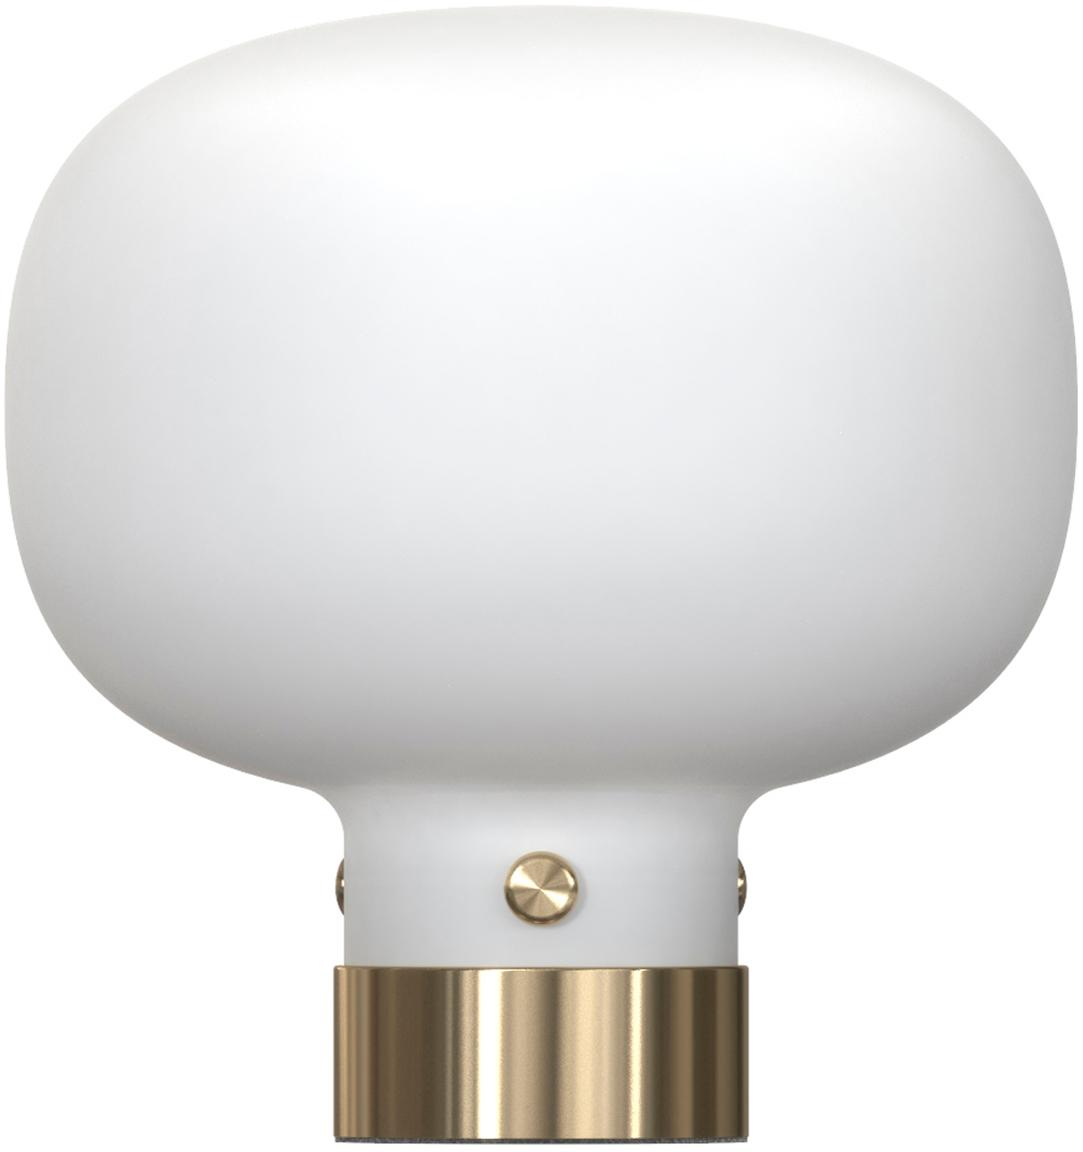 Lampa stołowa Raito, Szkło opalowe, metal, Biały, opalowy, odcienie mosiądzu, Ø 20 x W 21 cm